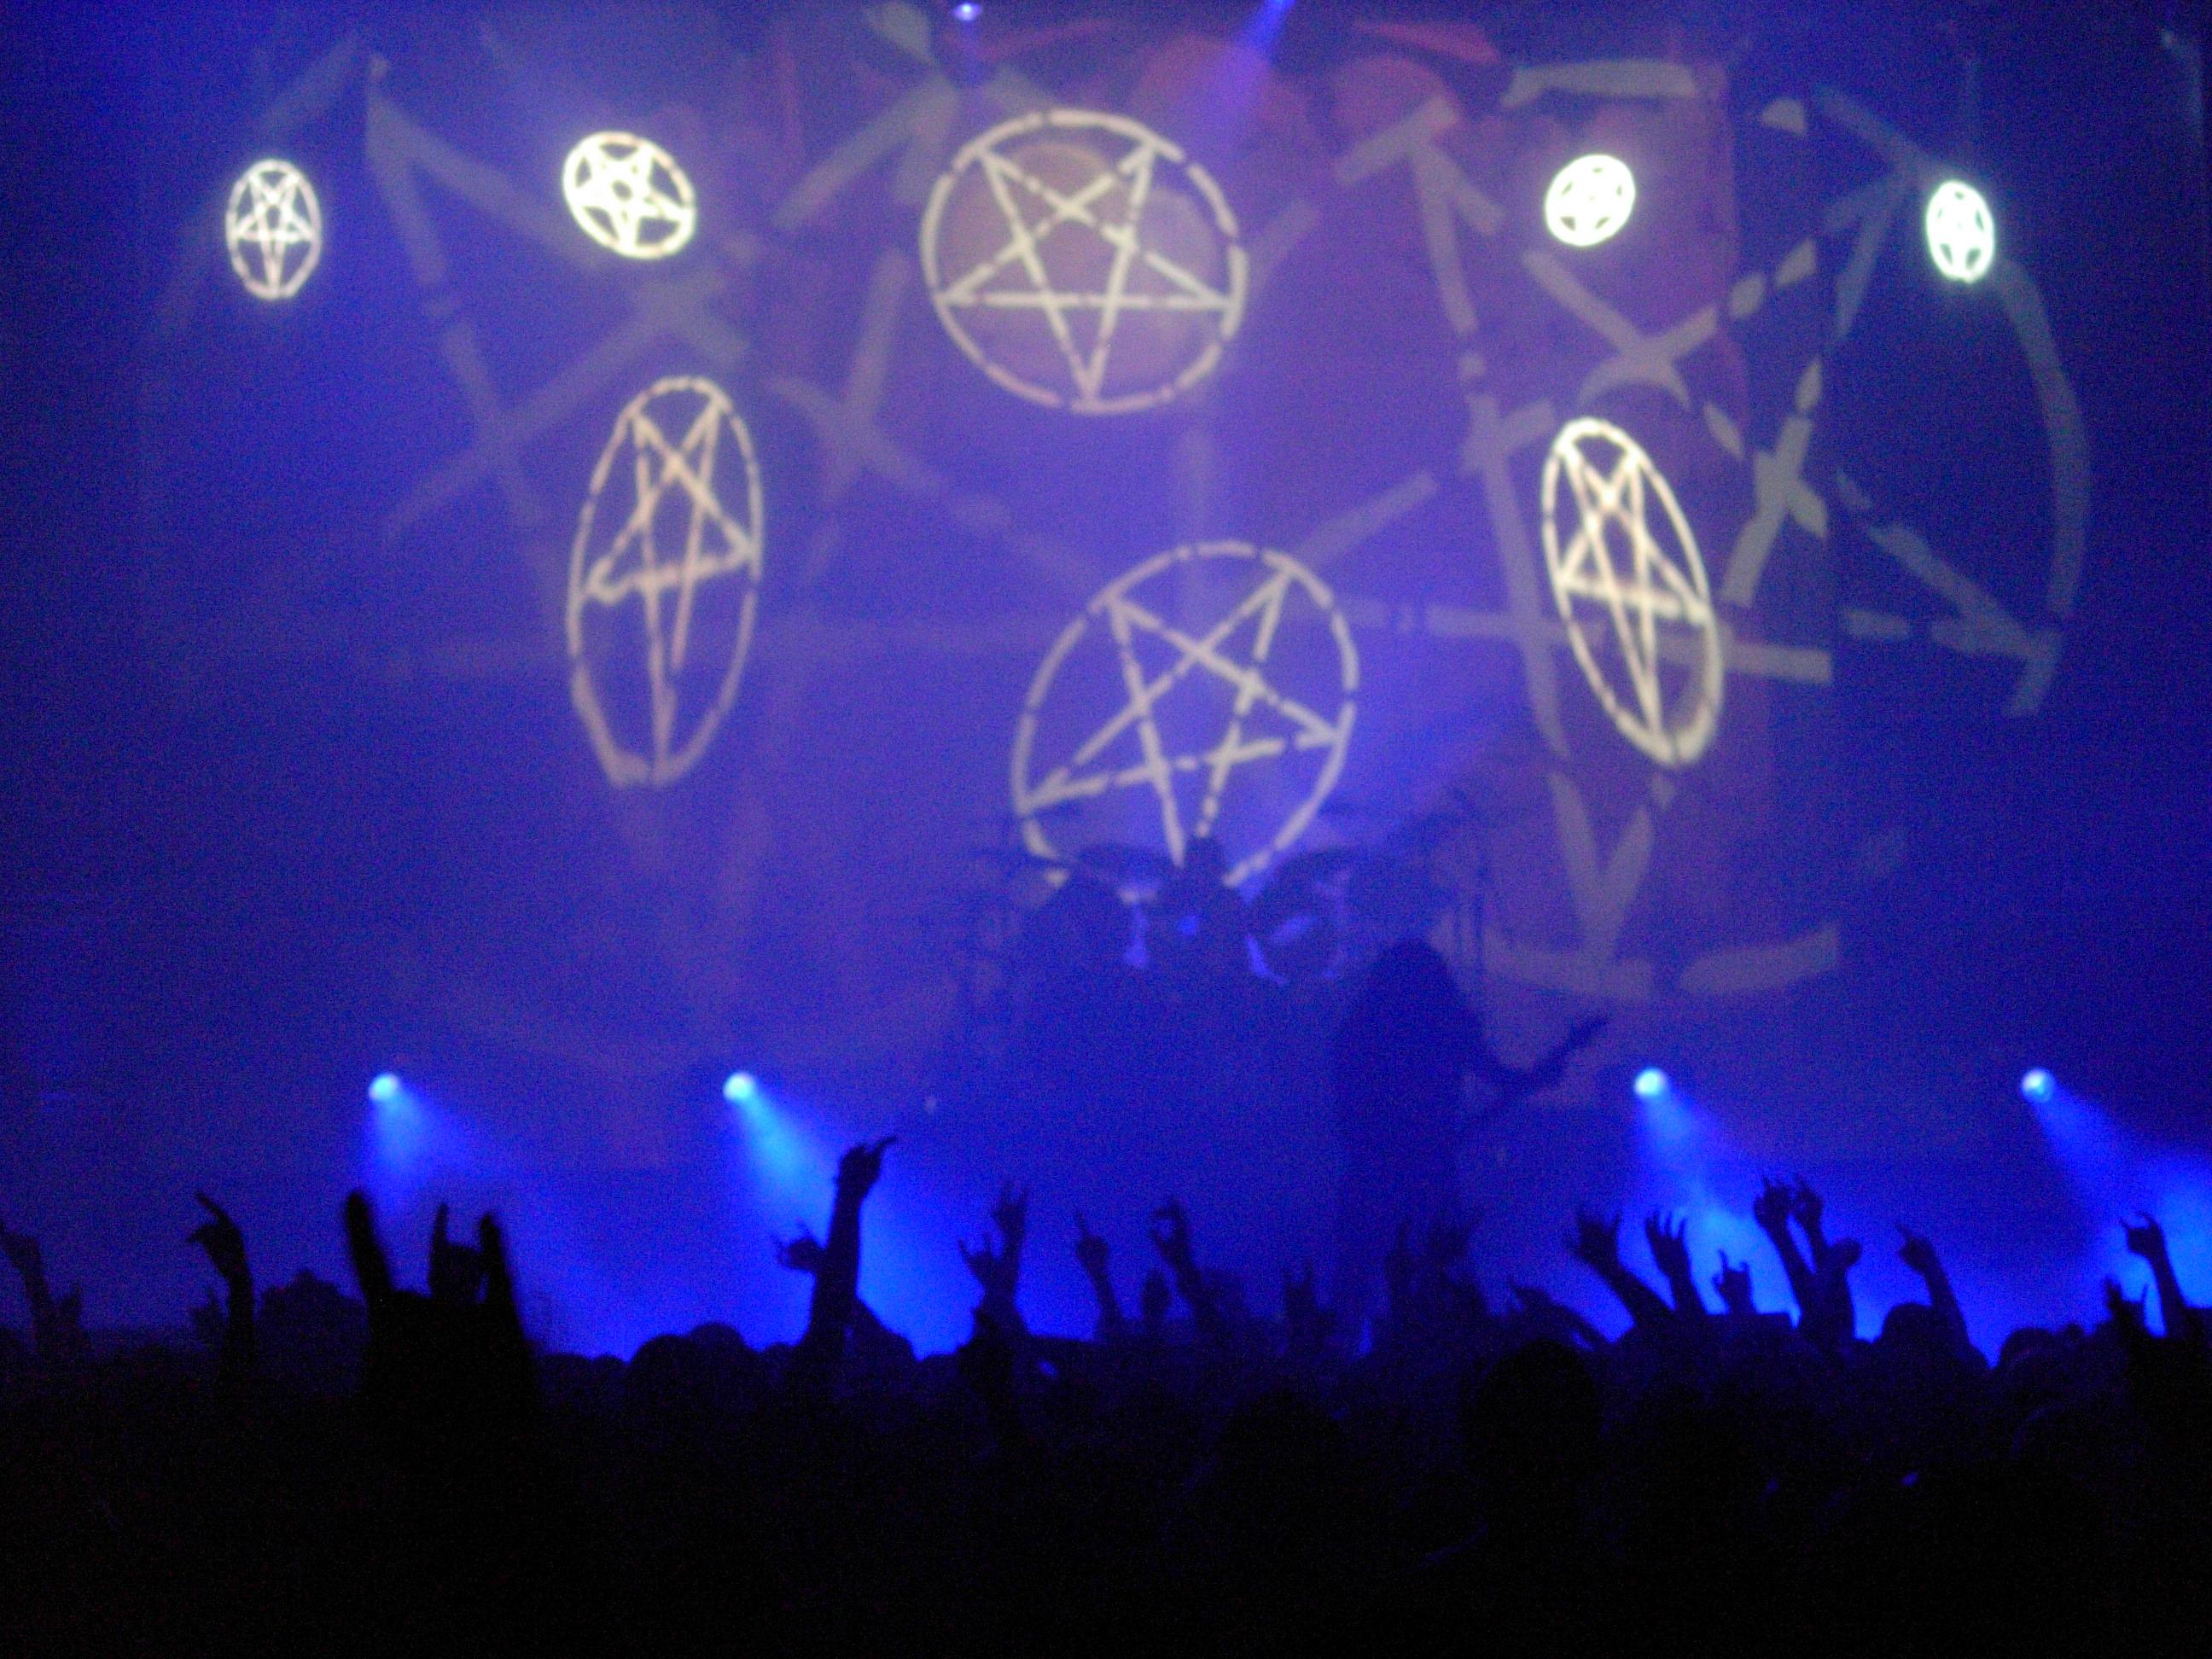 File Slayer Pentagram Live 2006 Jpg Wikimedia Commons